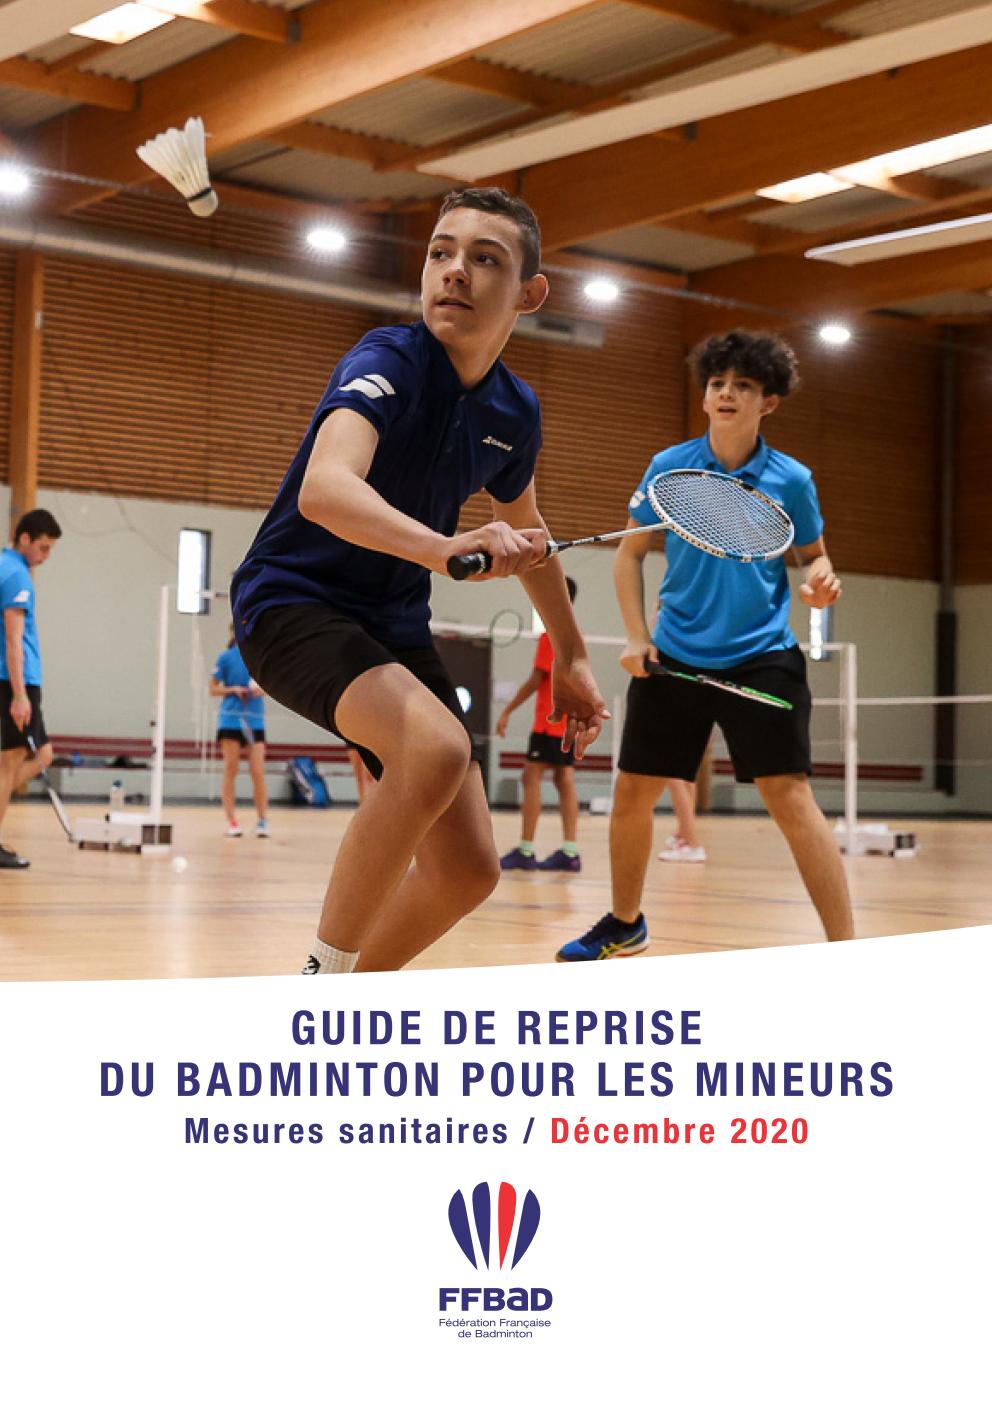 Guide de reprise du badminton pour les mineurs